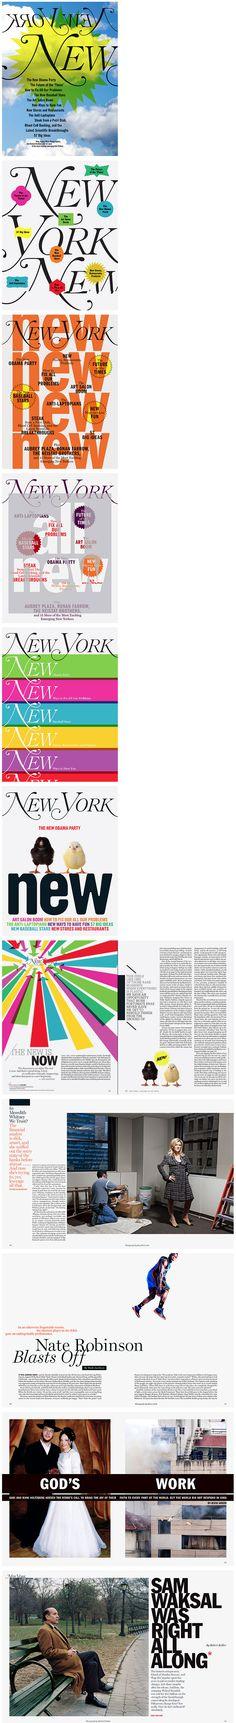 New York Magazine redesign